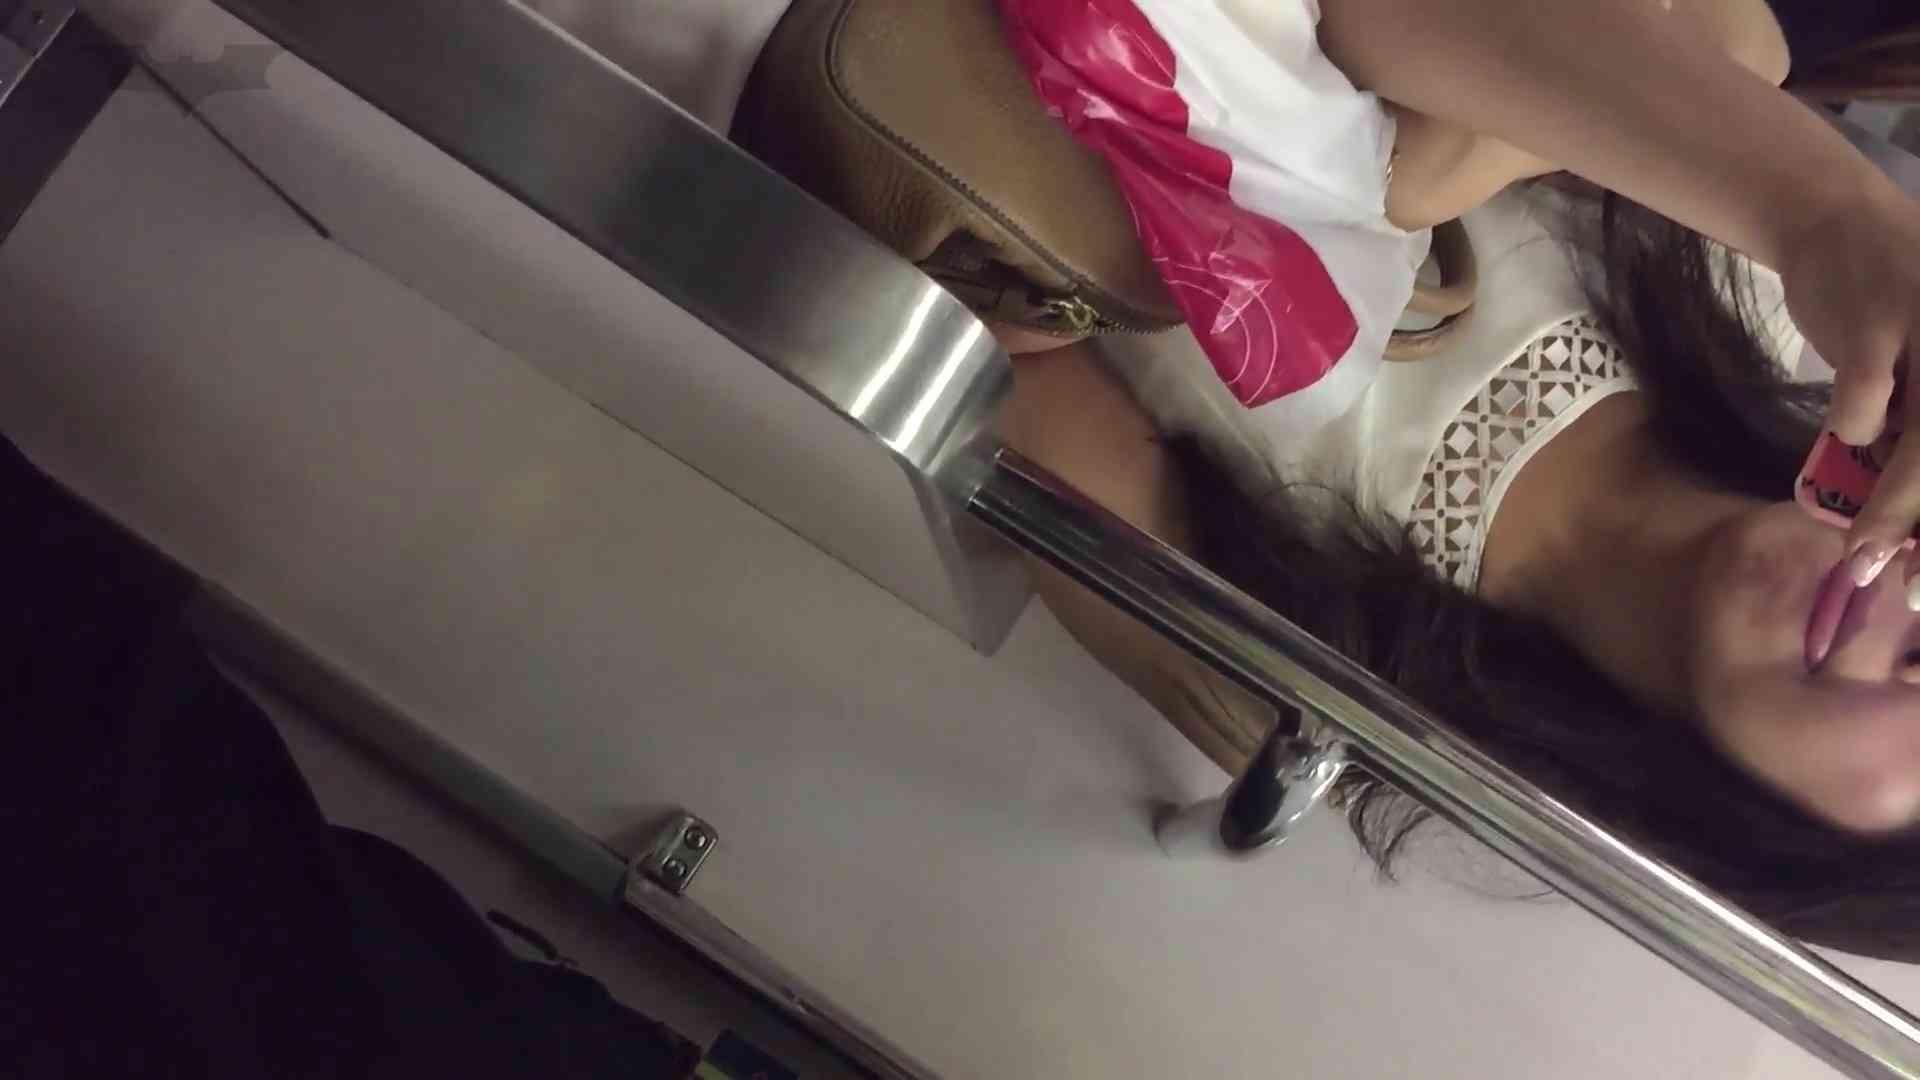 盗撮列車 vol.07 白スカートの中は爽やかな… 盗撮 エロ無料画像 80pic 80